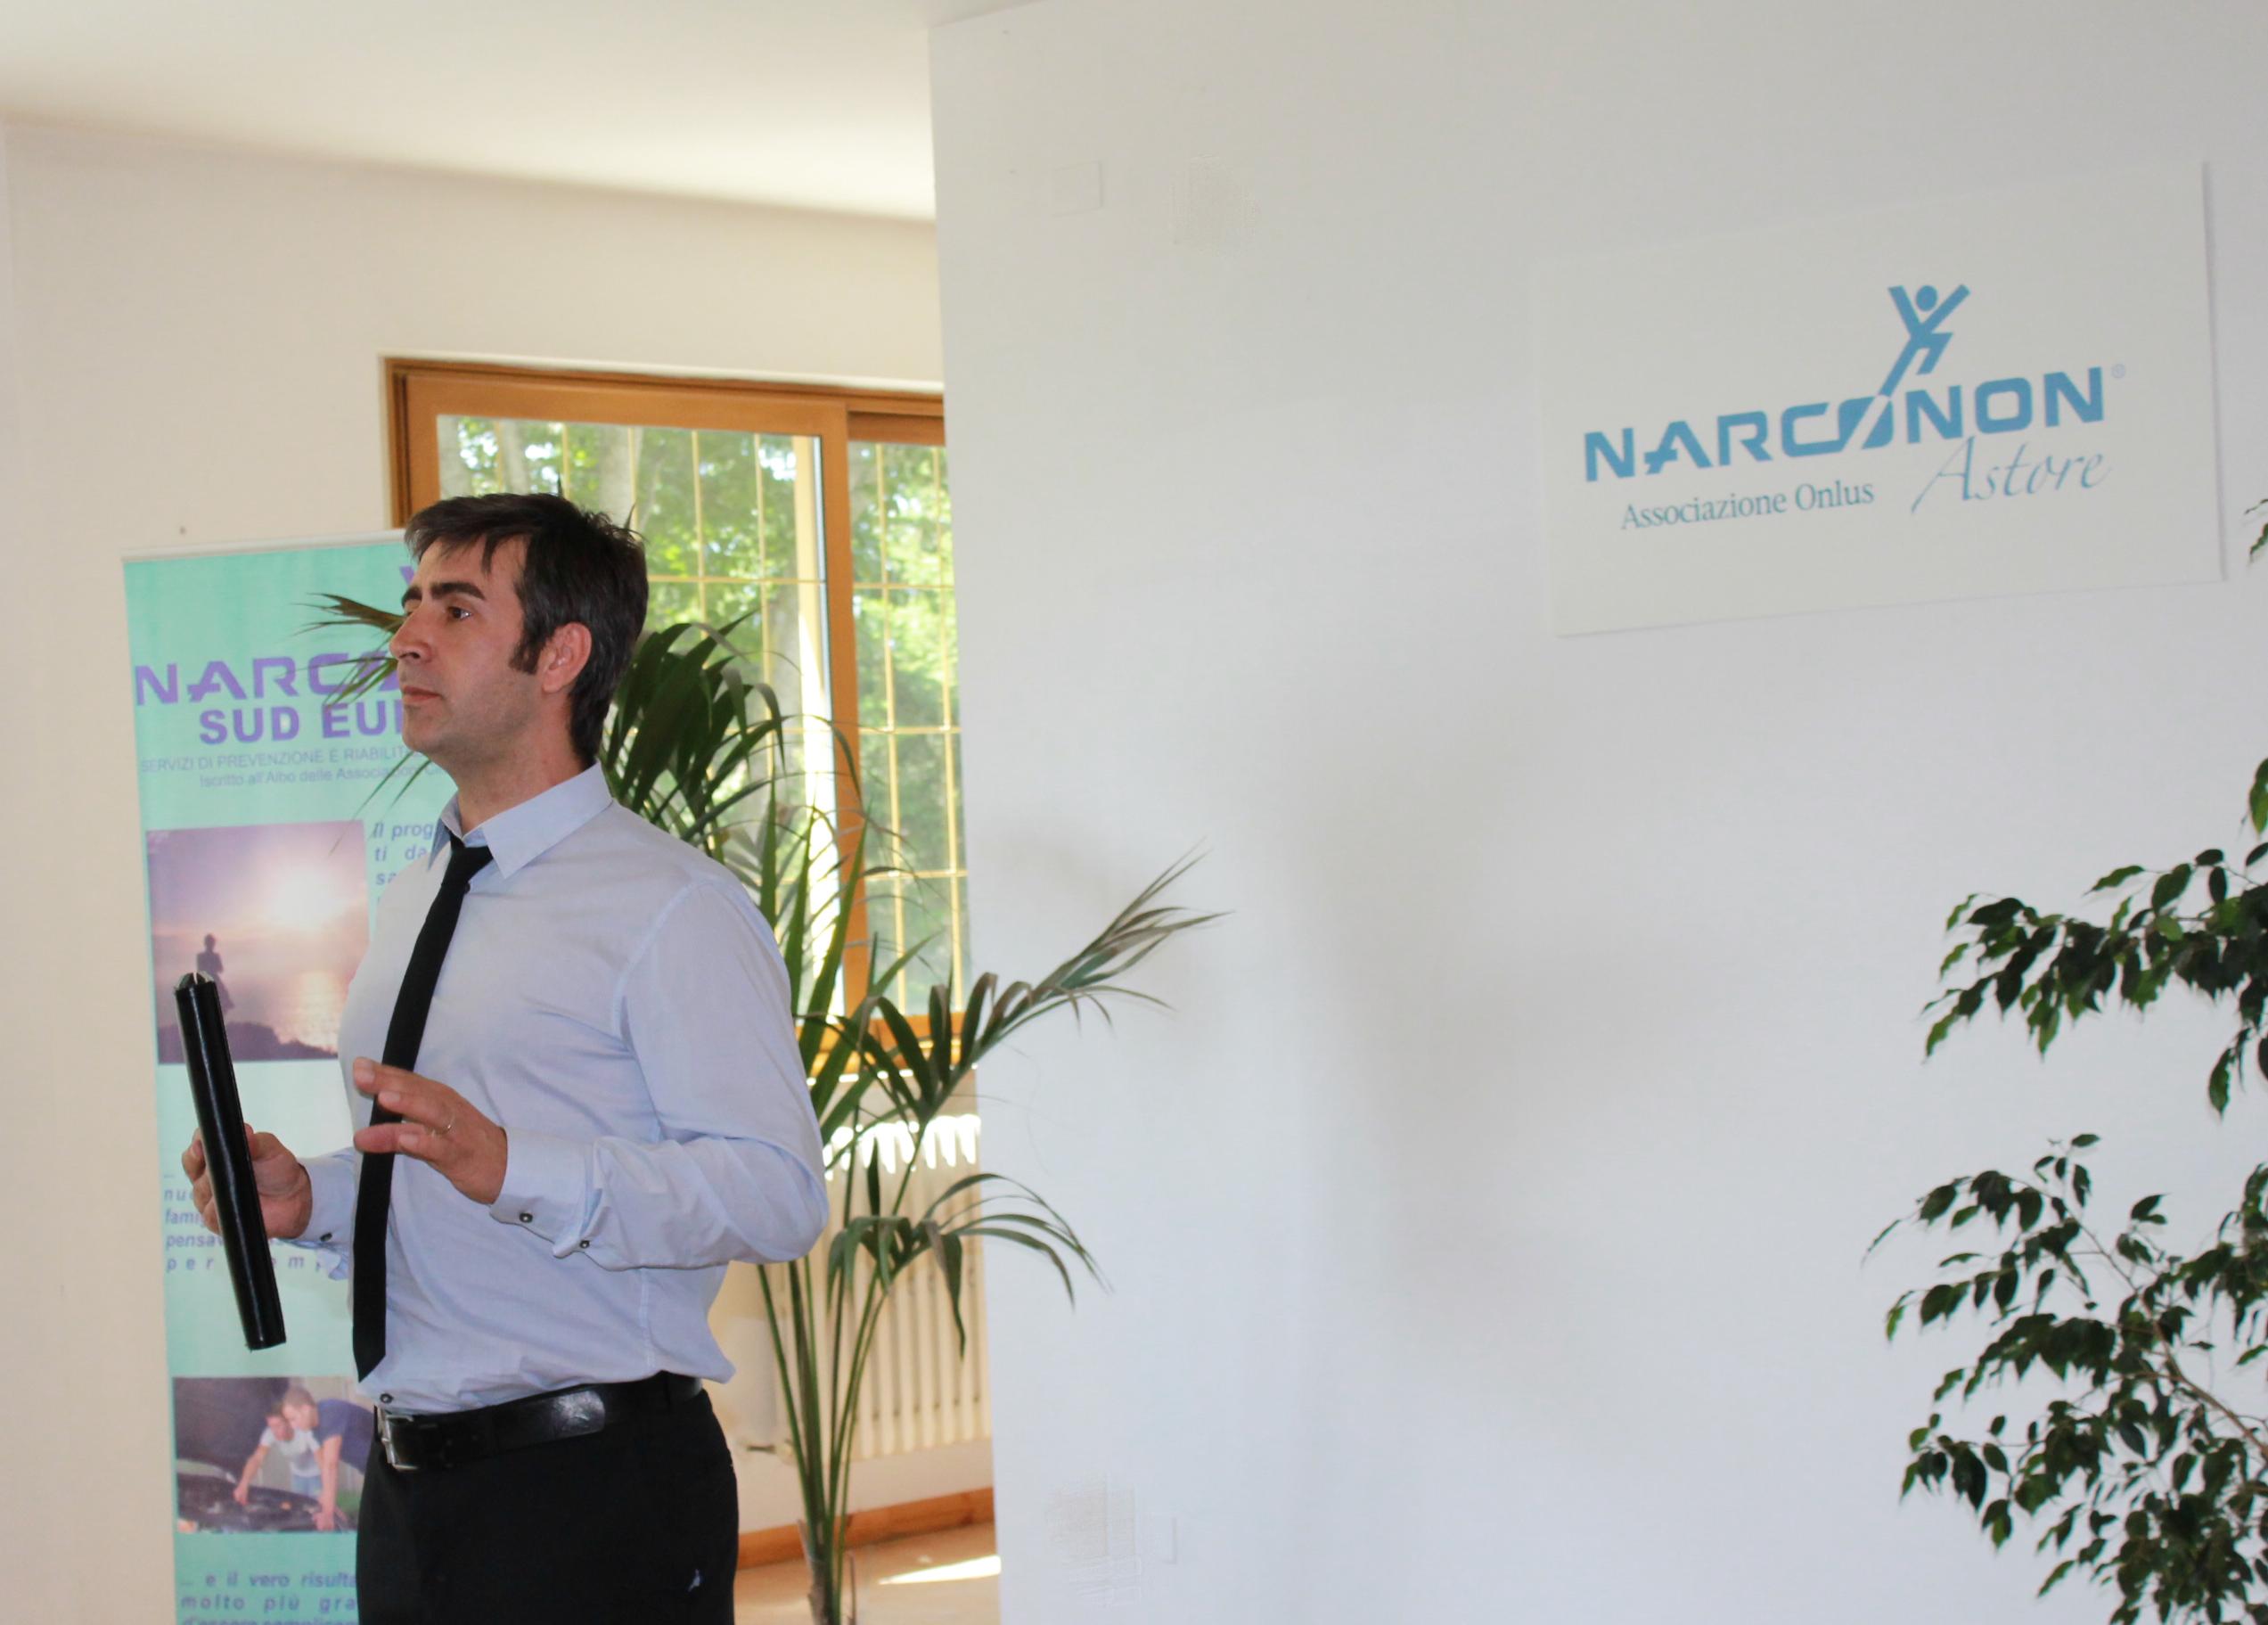 Diego, conferenza Narconon